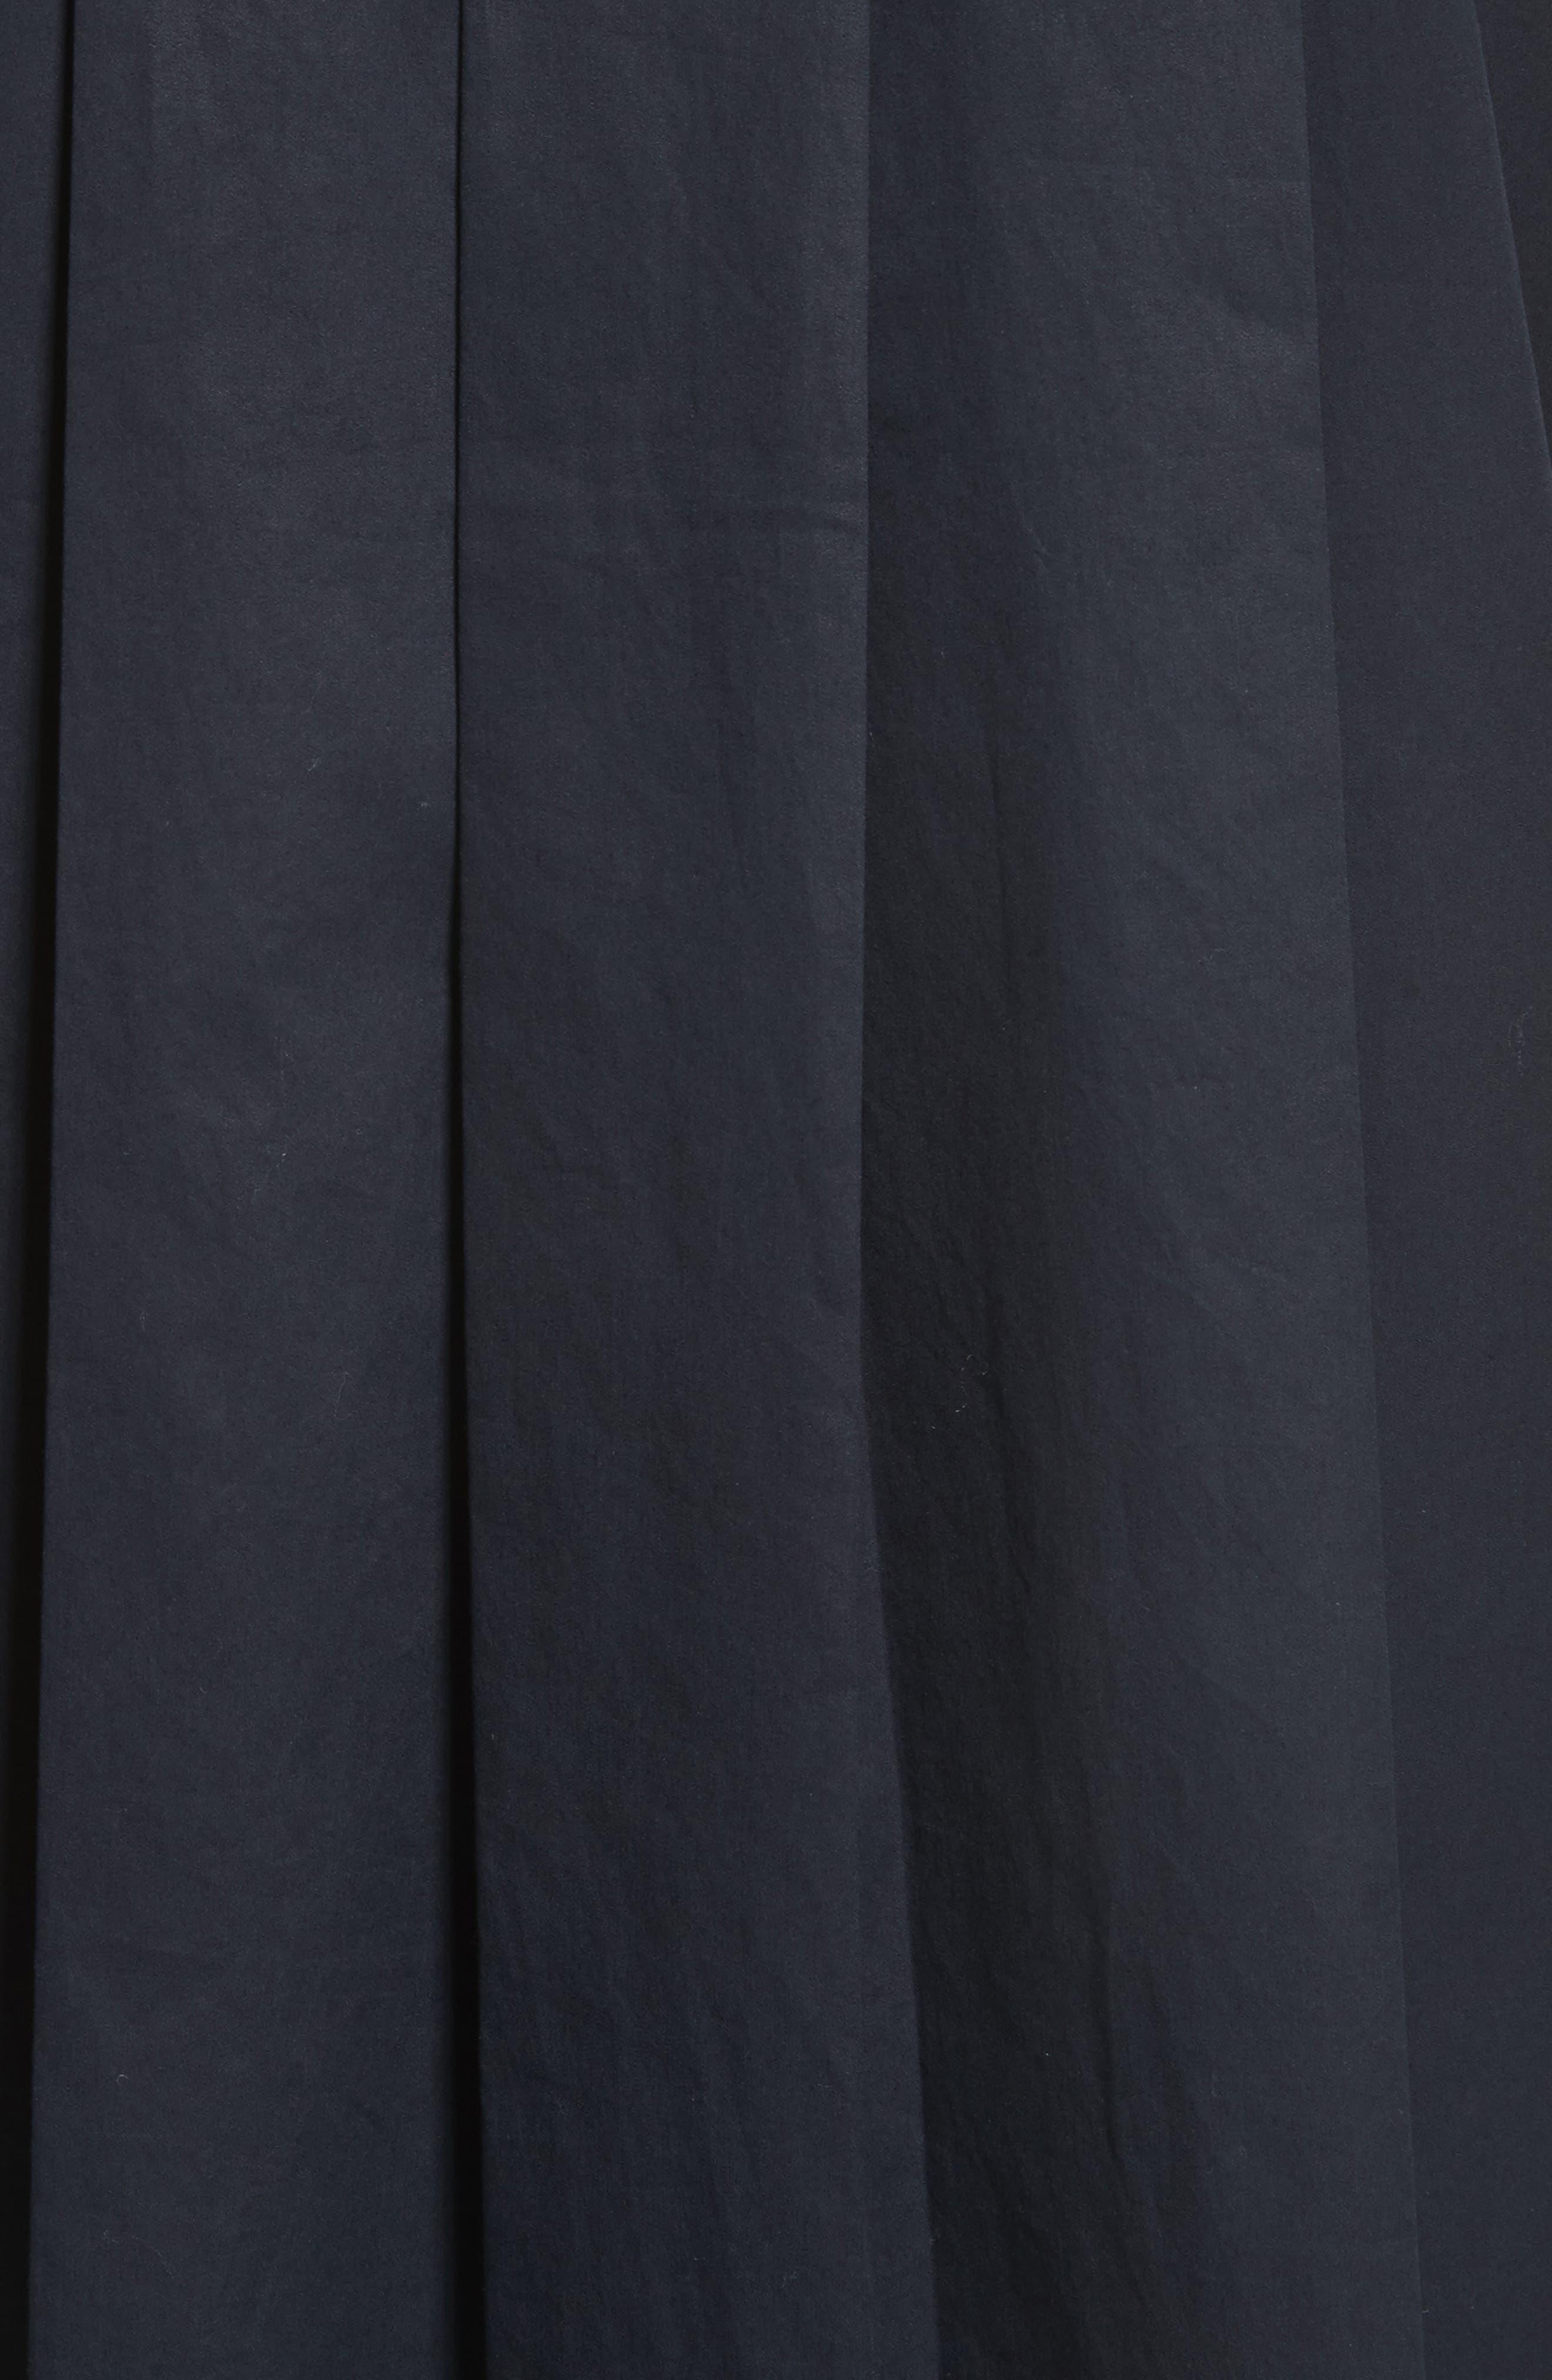 Carmine Cotton Shirtdress,                             Alternate thumbnail 5, color,                             Eclipse